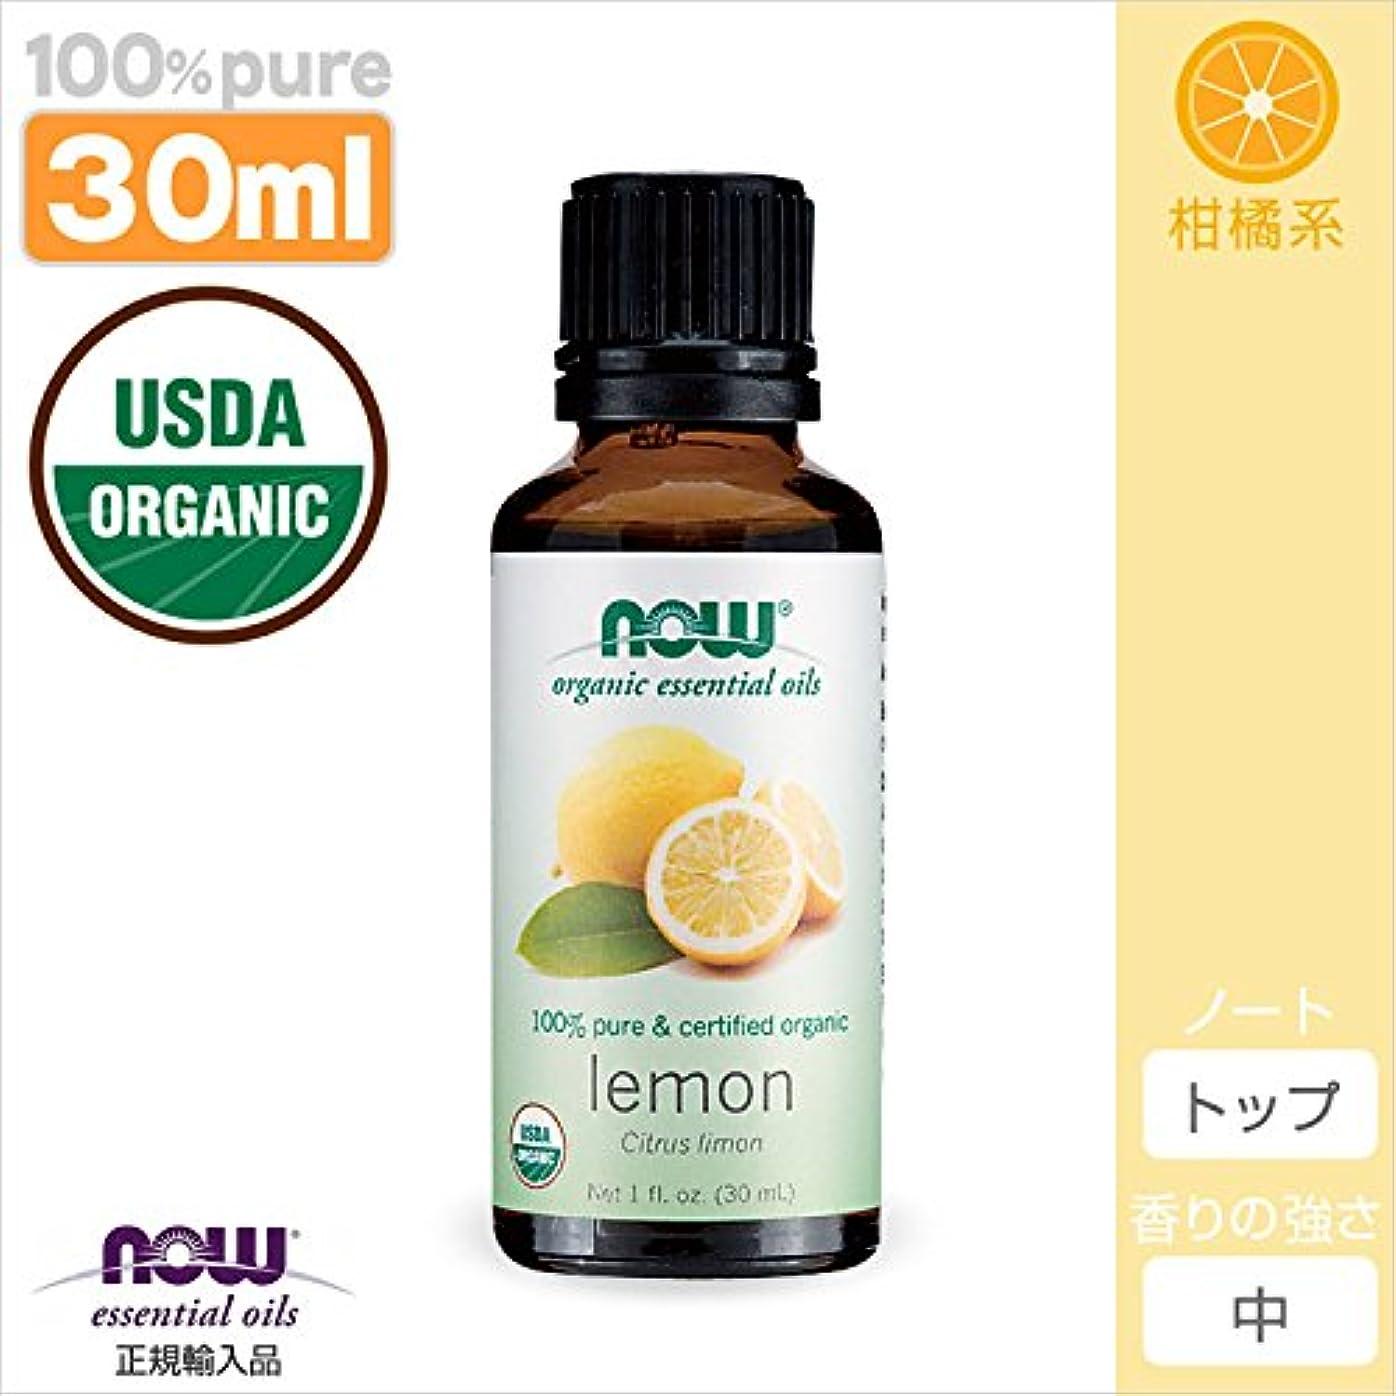 船敵意富レモン精油オーガニック[30ml] 【正規輸入品】 NOWエッセンシャルオイル(アロマオイル)